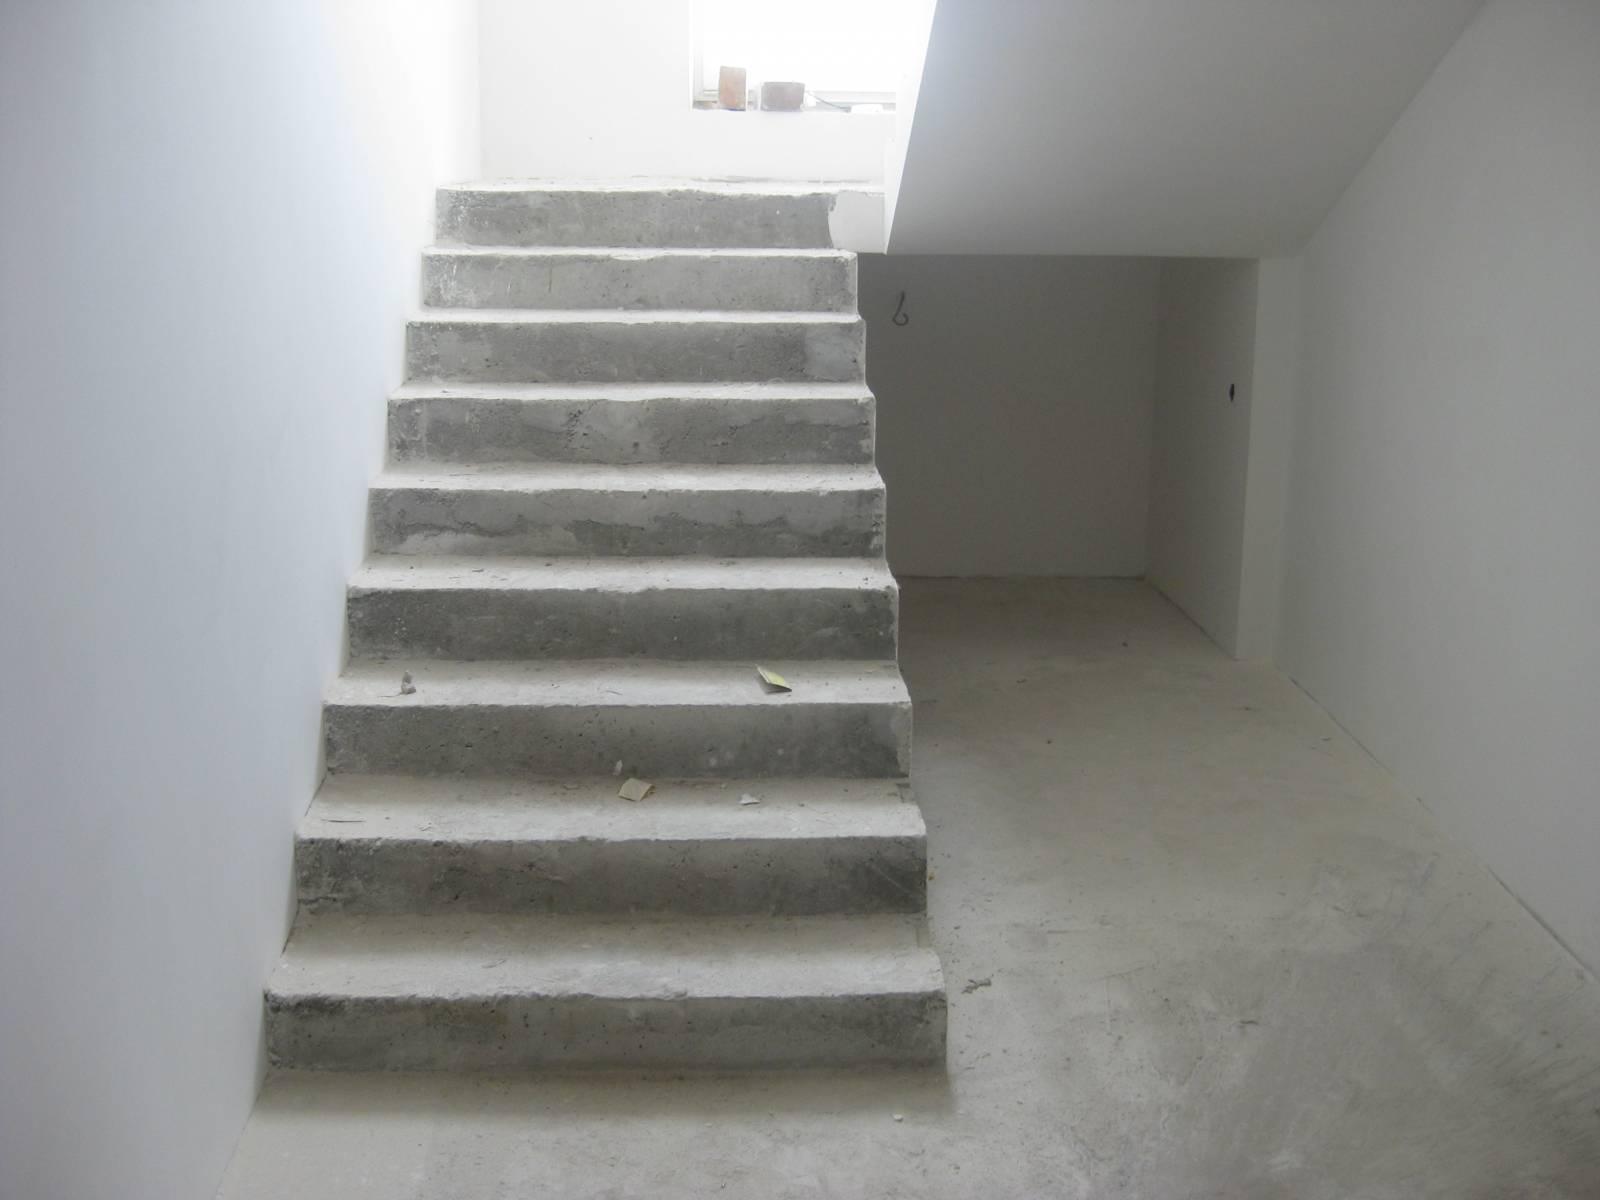 Лестницы на второй этаж в частный дом своими руками метал